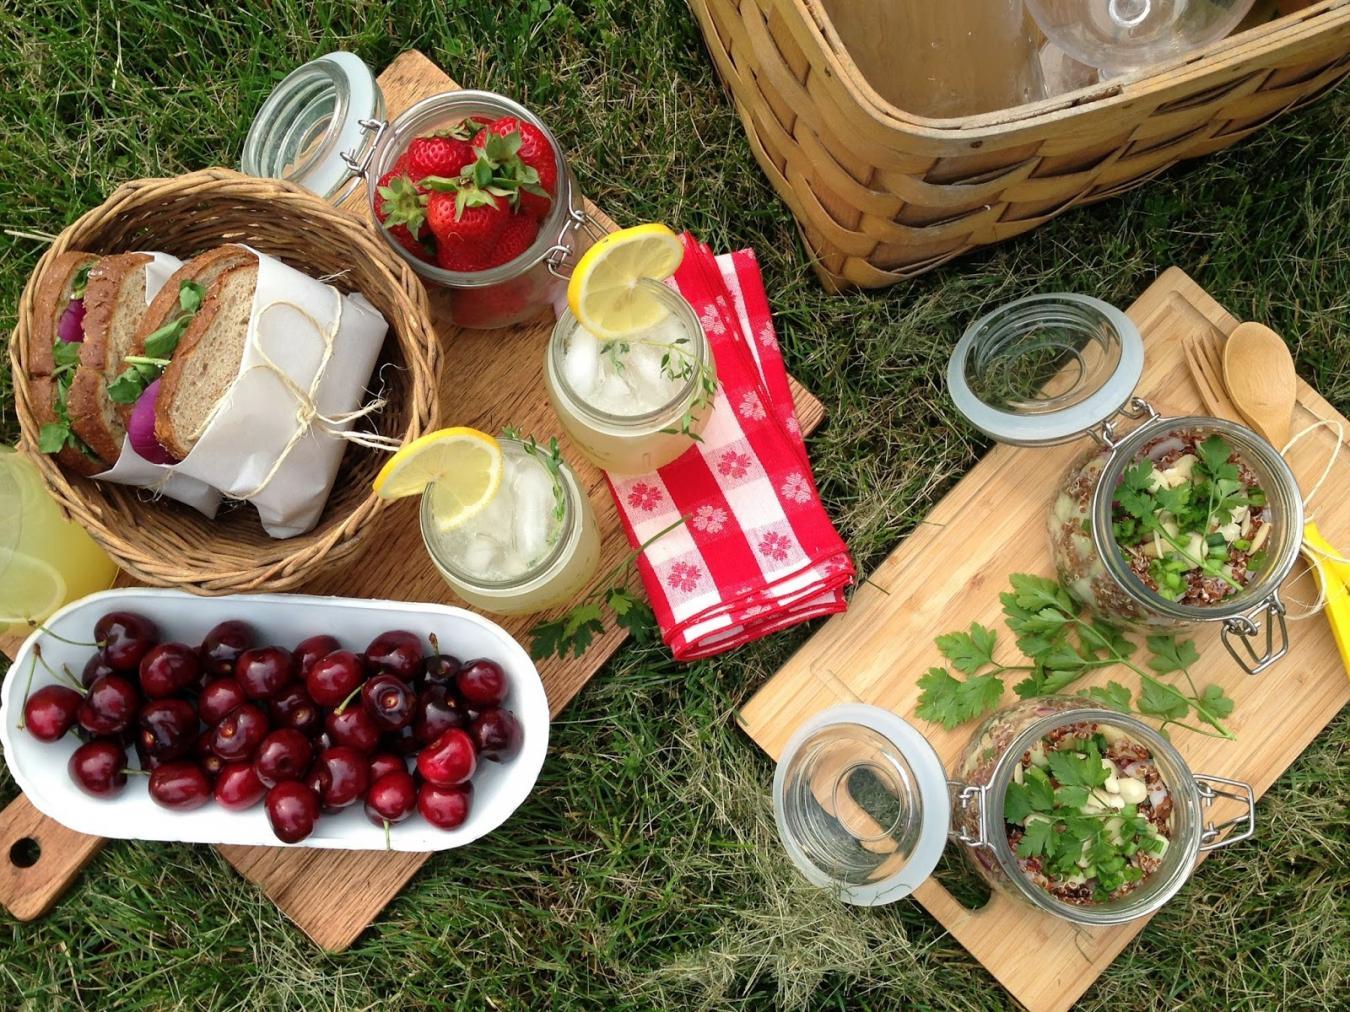 Посуда для пикника – в комплект к мангалу и шашлыку!